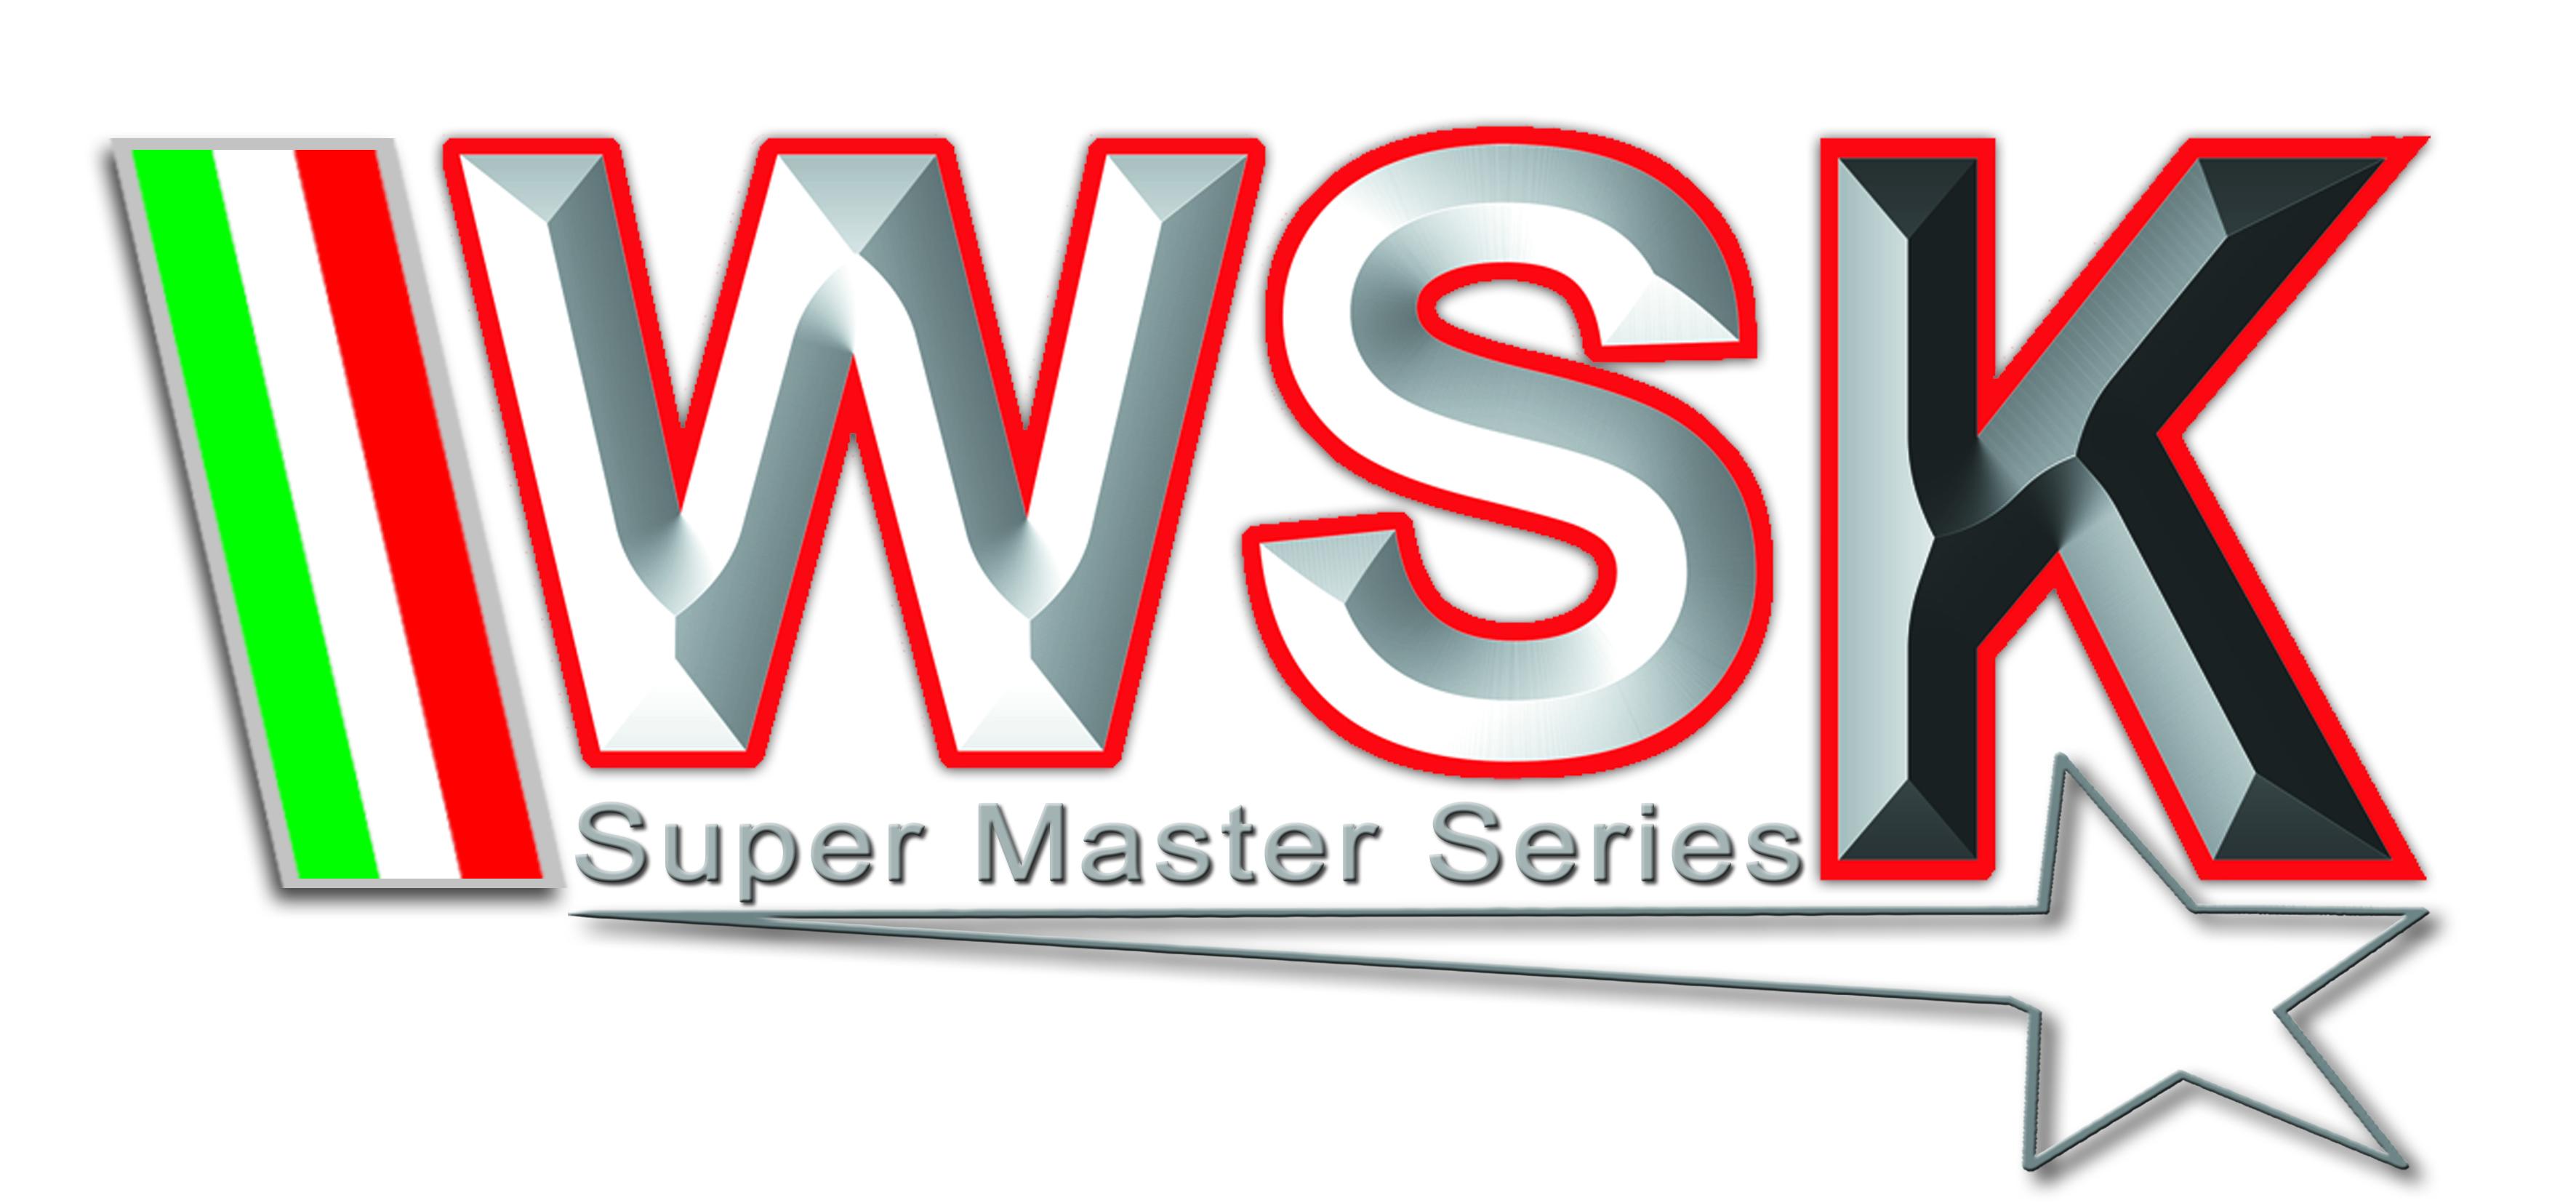 WSK Super Master Series website